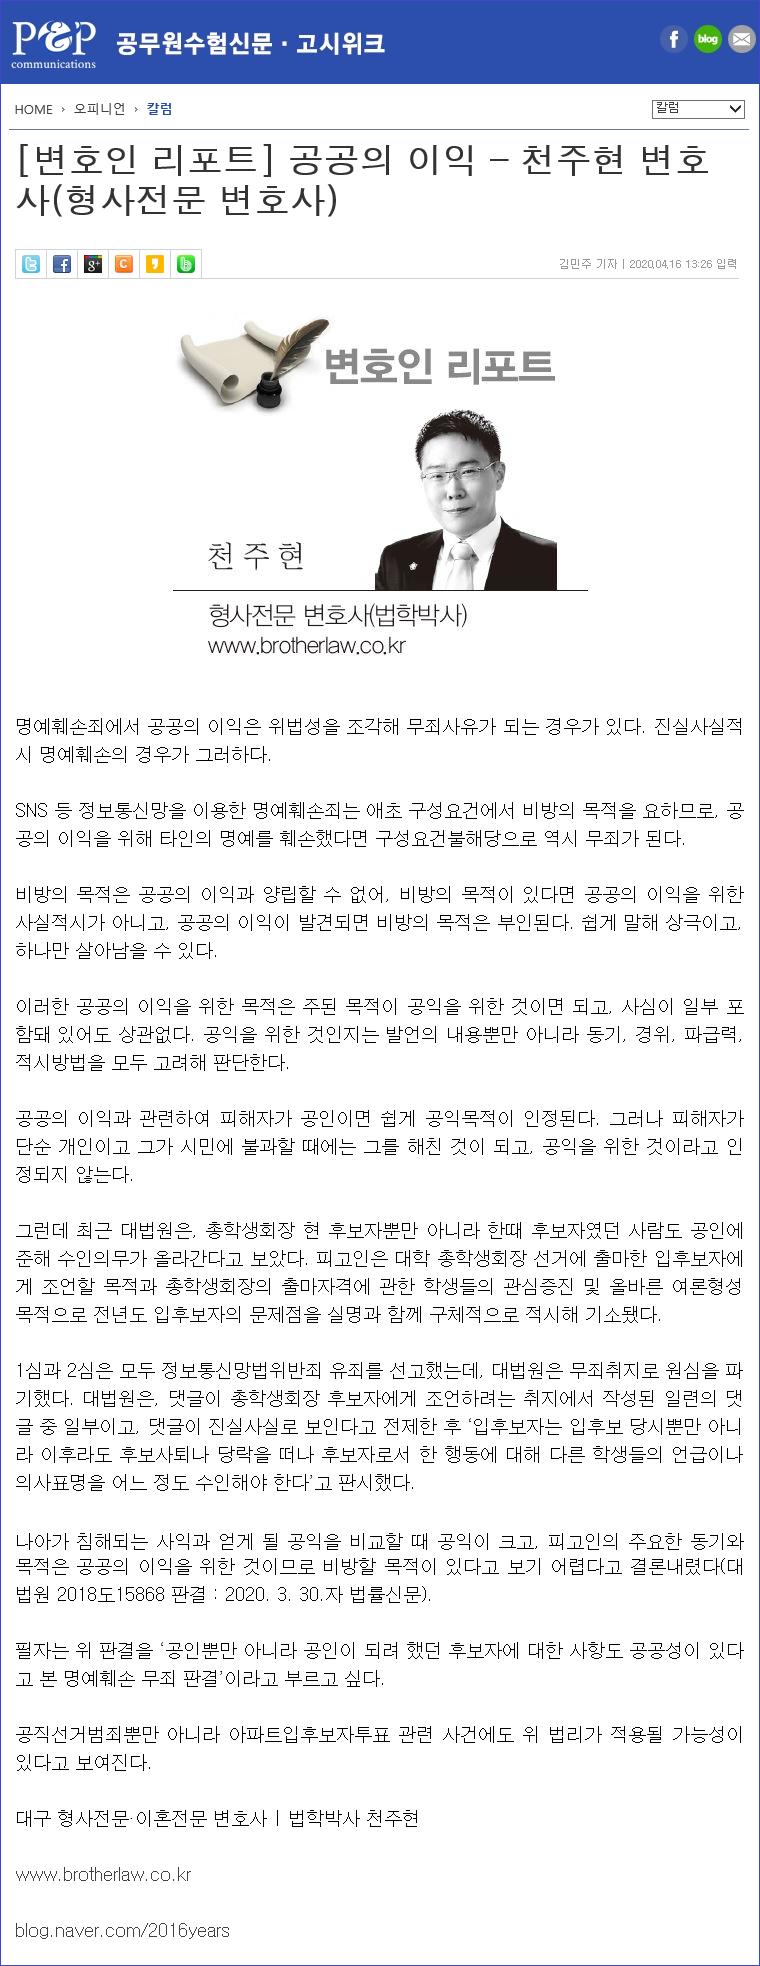 200416-변호인리포트(공공의 이익)-블로그용.png